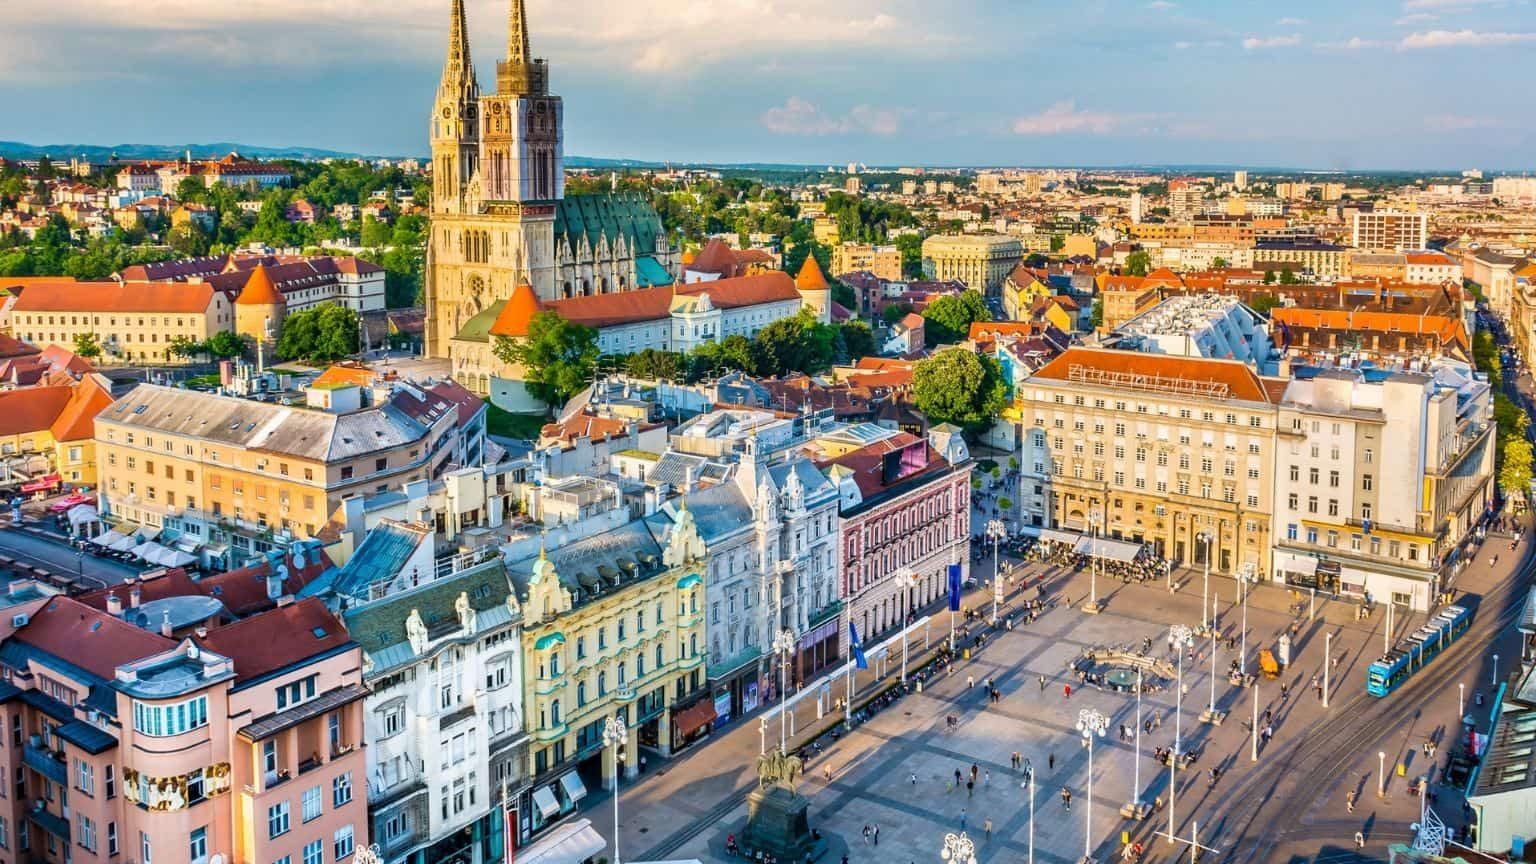 Zagreb City main square in Croatia